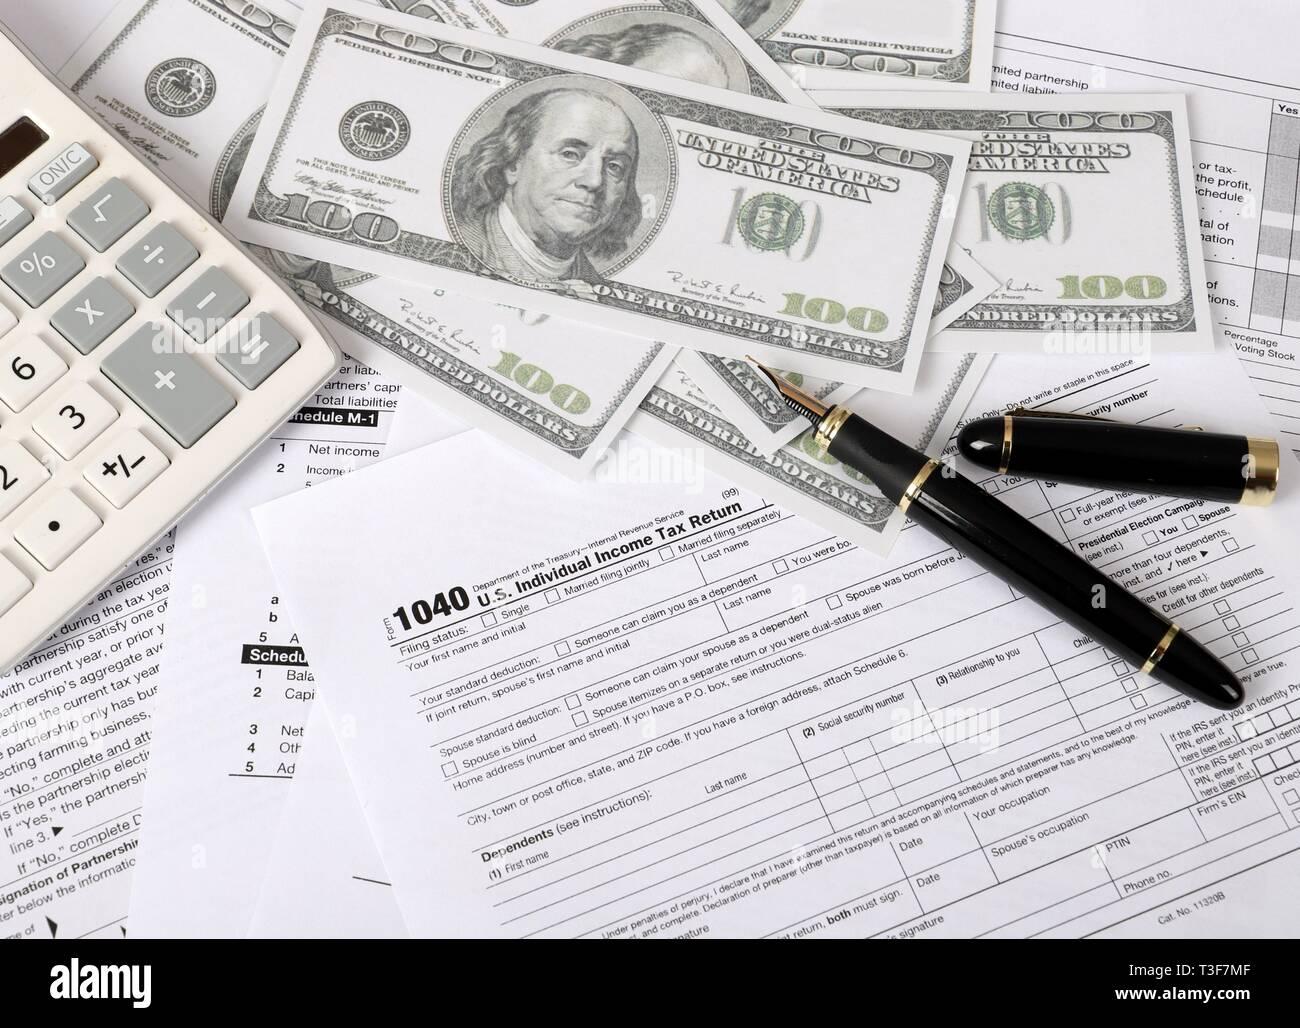 1040 tax form - individual income tax return form 1040 lies